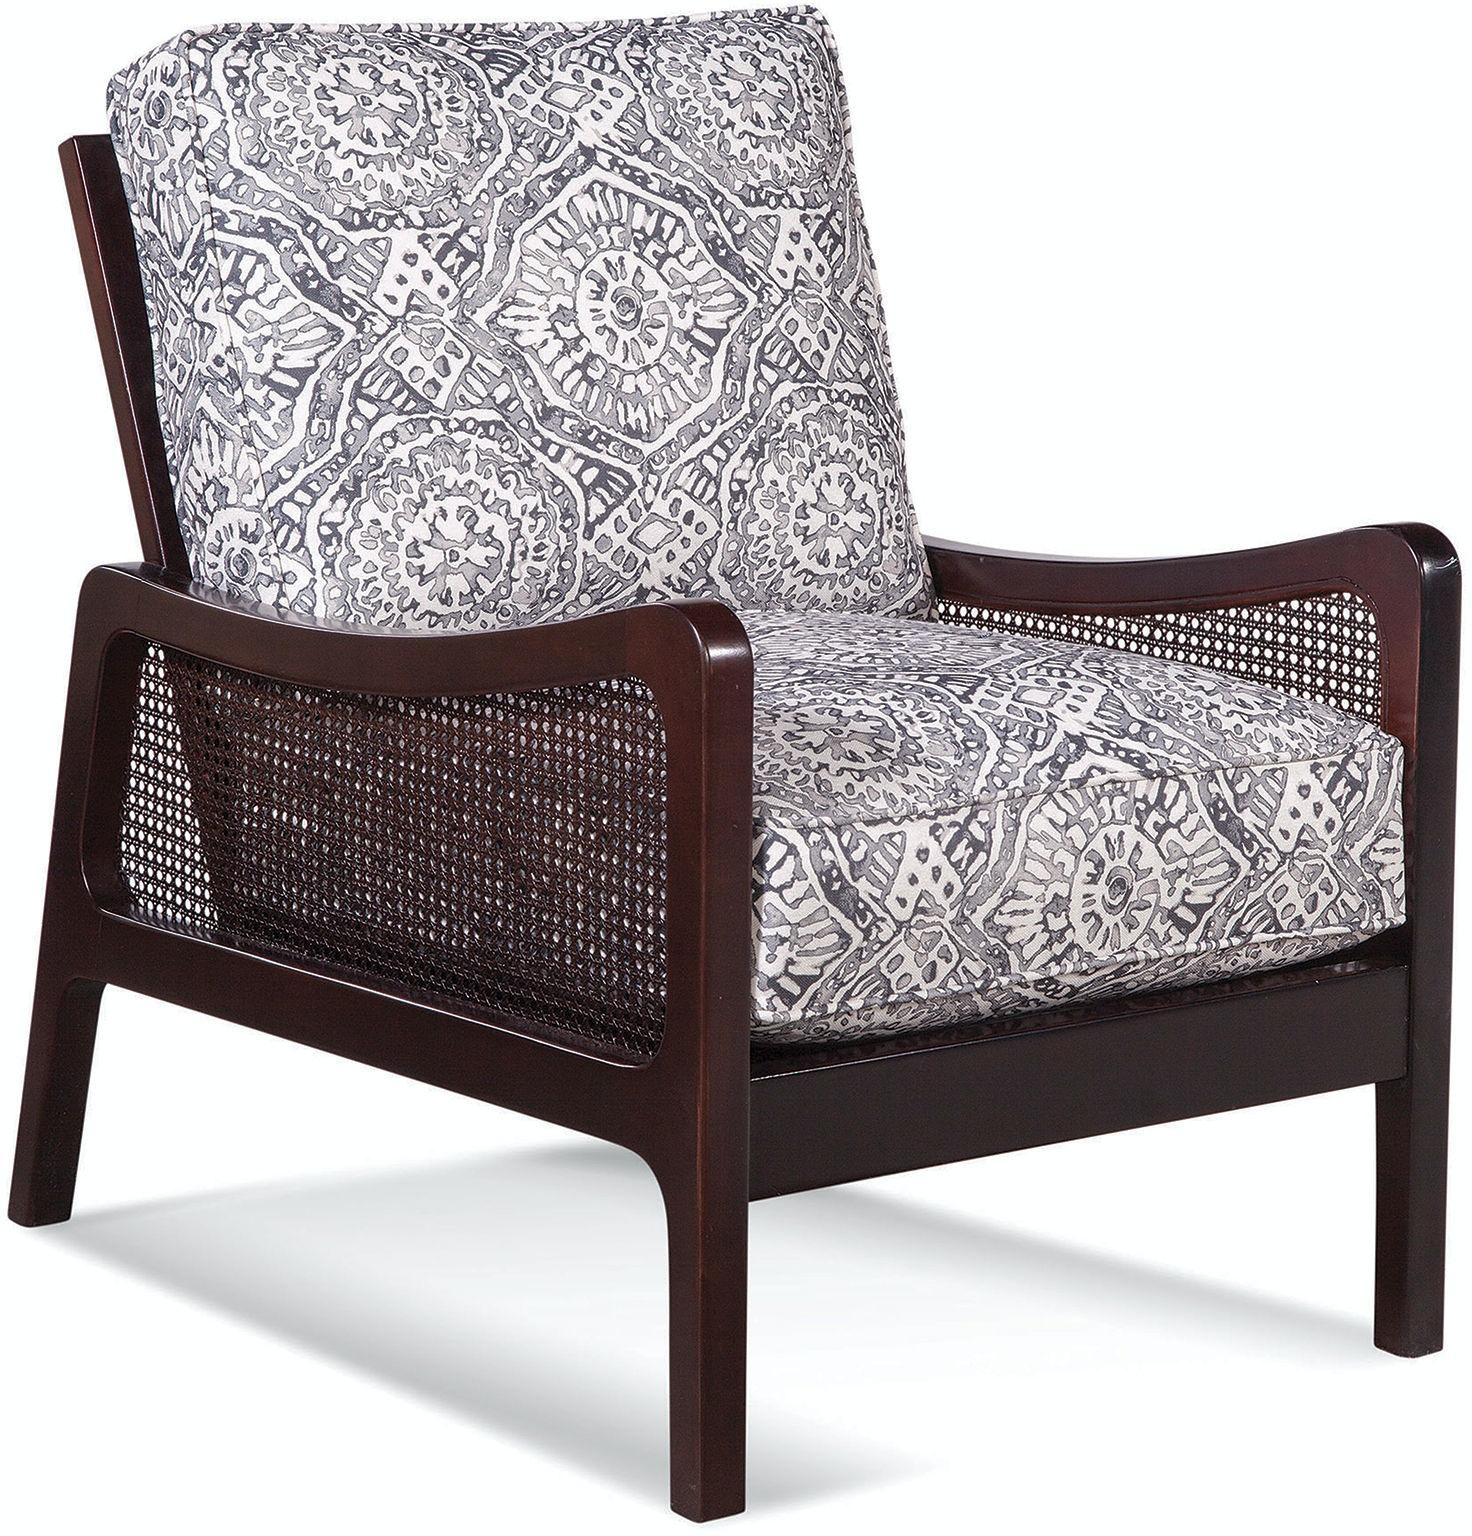 Chair 1016-001